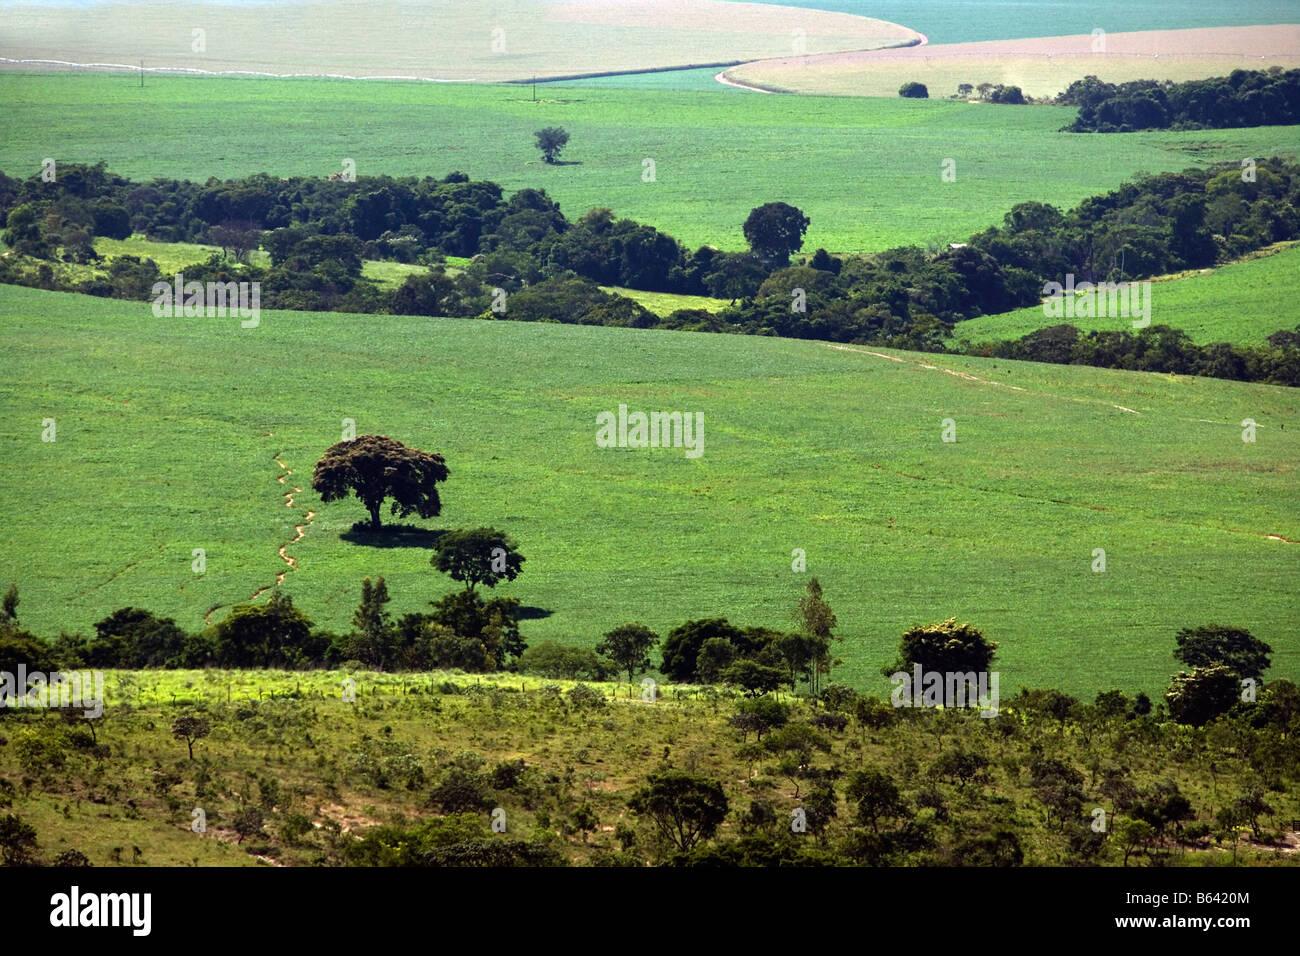 Brazil, Itaberai, Goias, Soy plantations Stock Photo